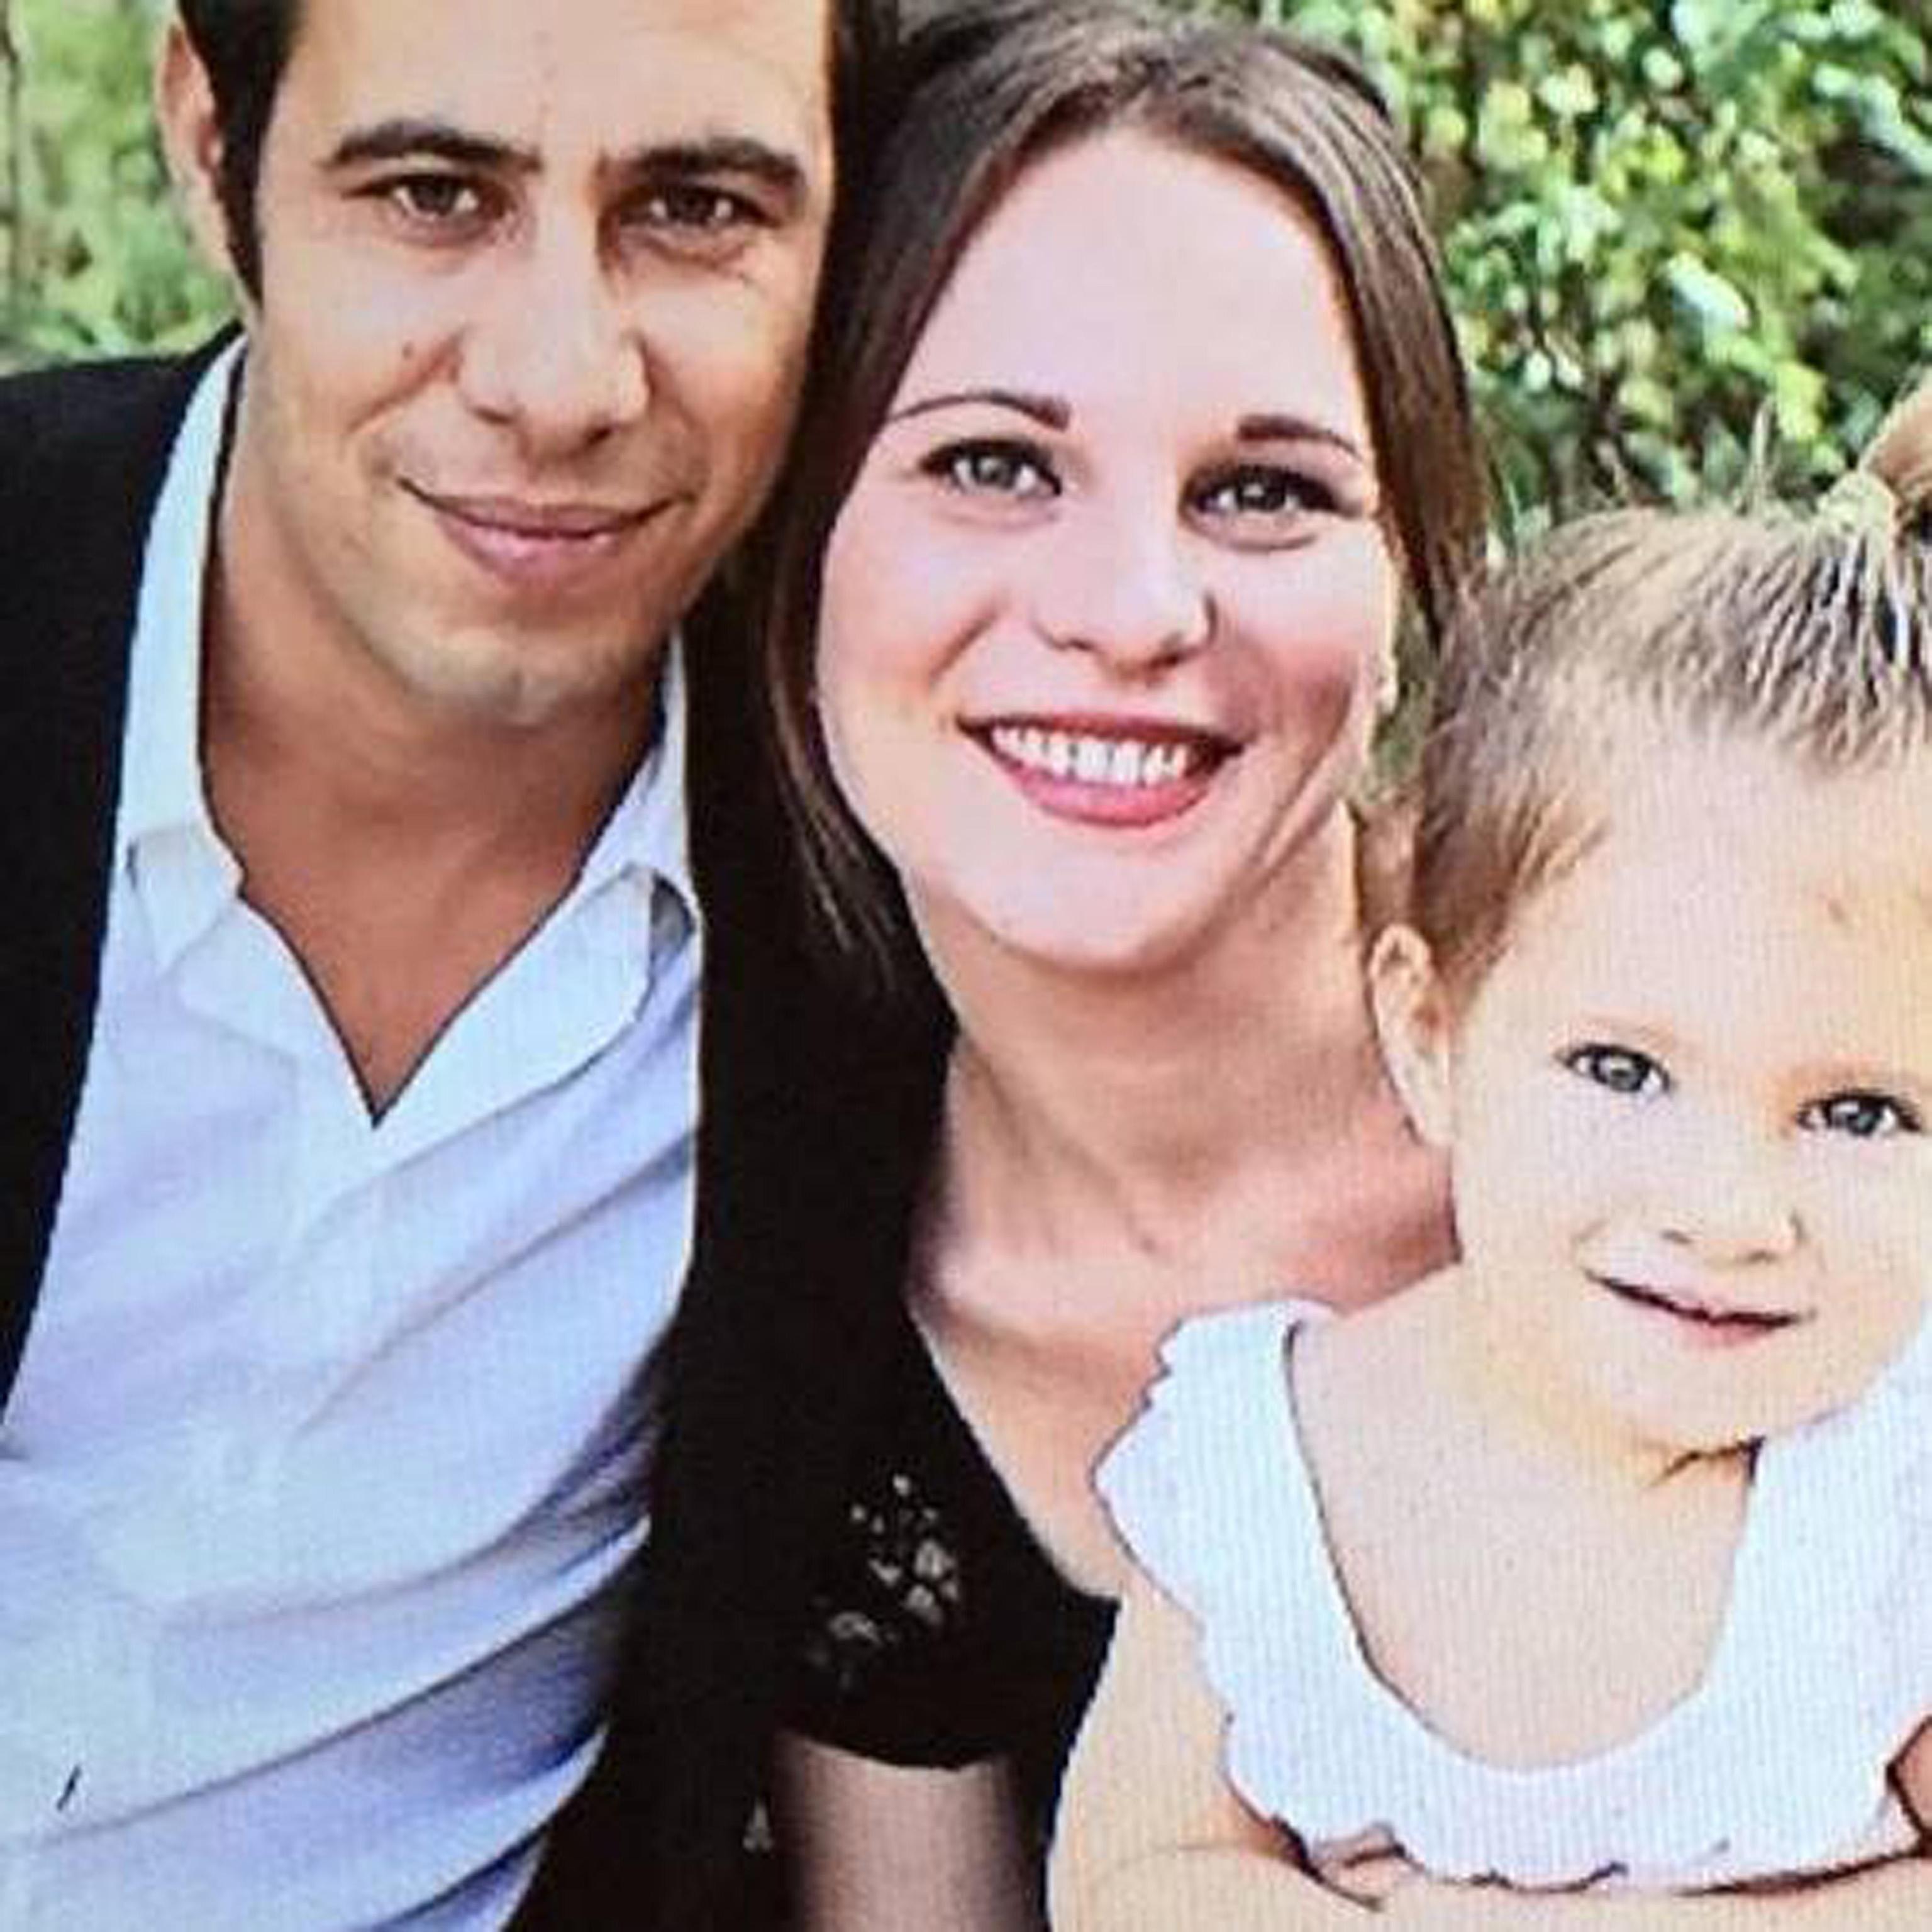 Muore di otite a 4 anni ma con la donazione degli organi salva un altro bambino